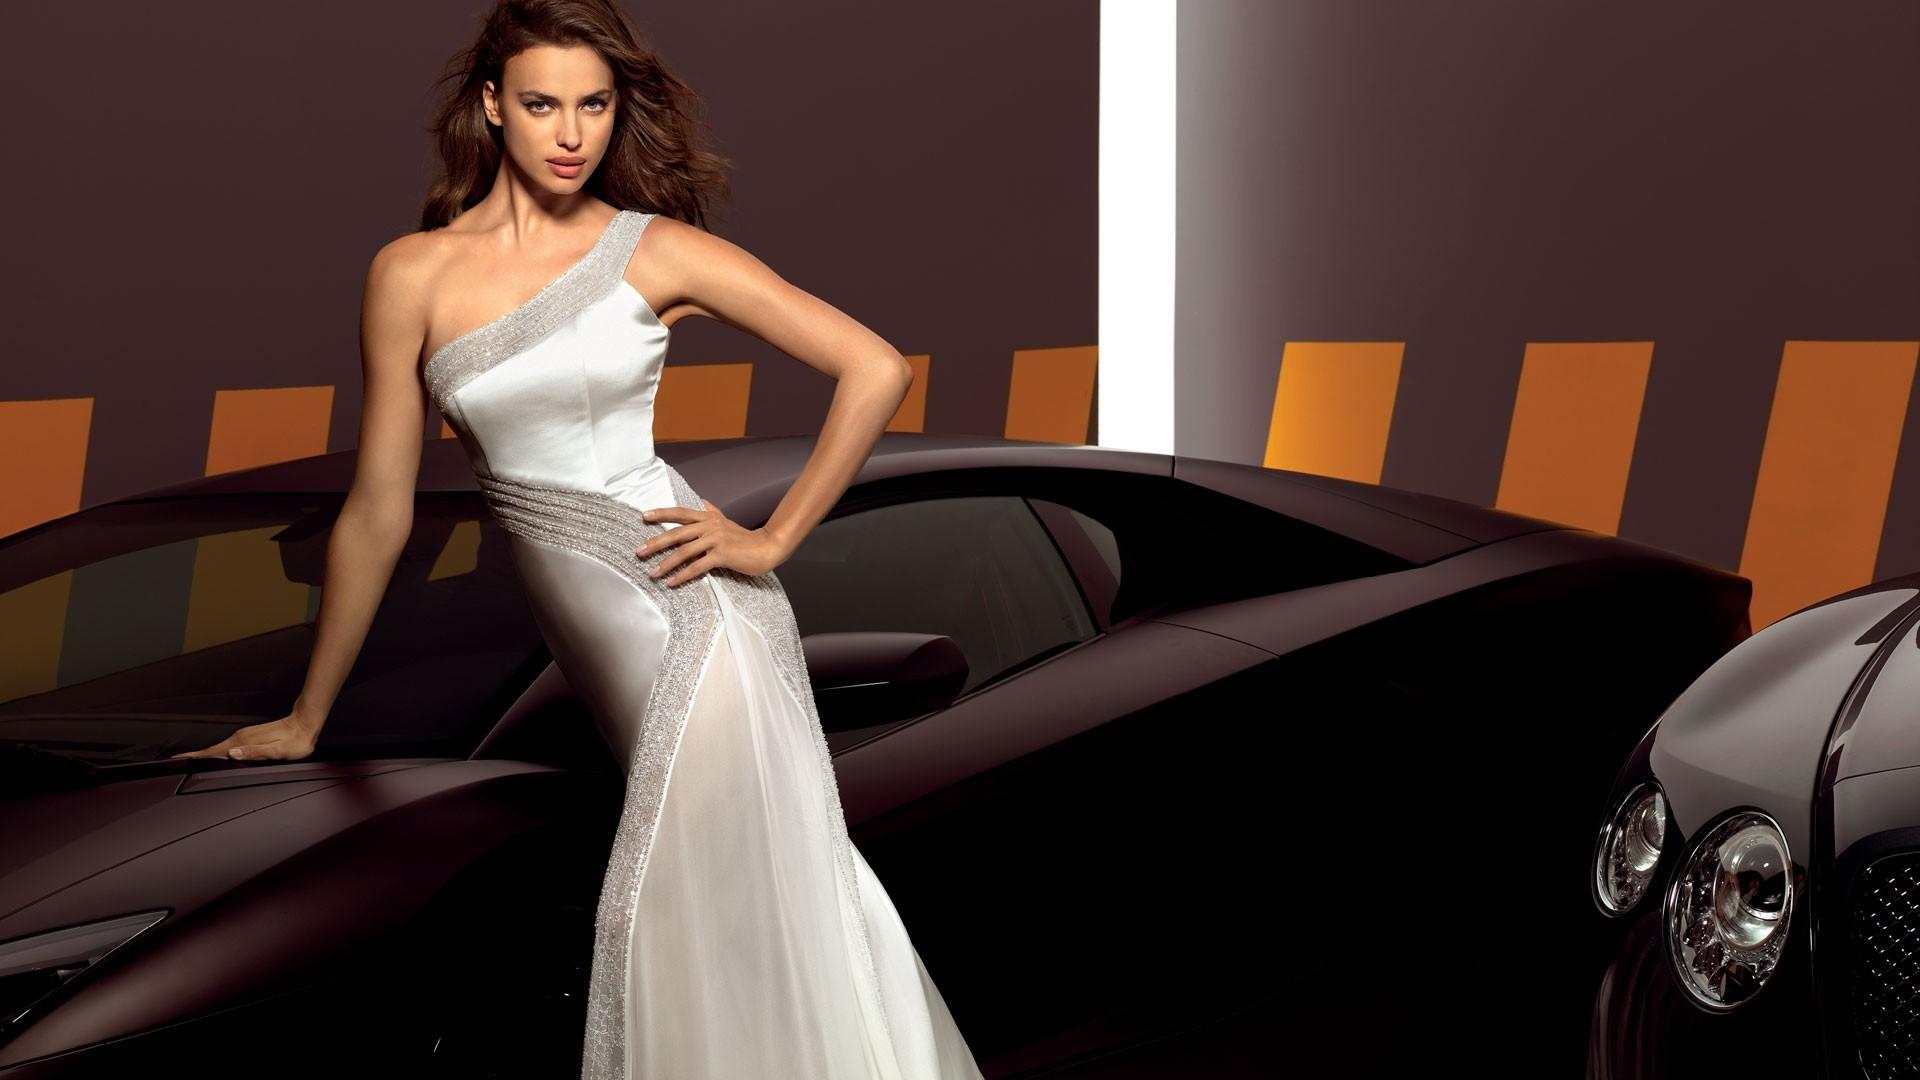 Топ модели в платьях